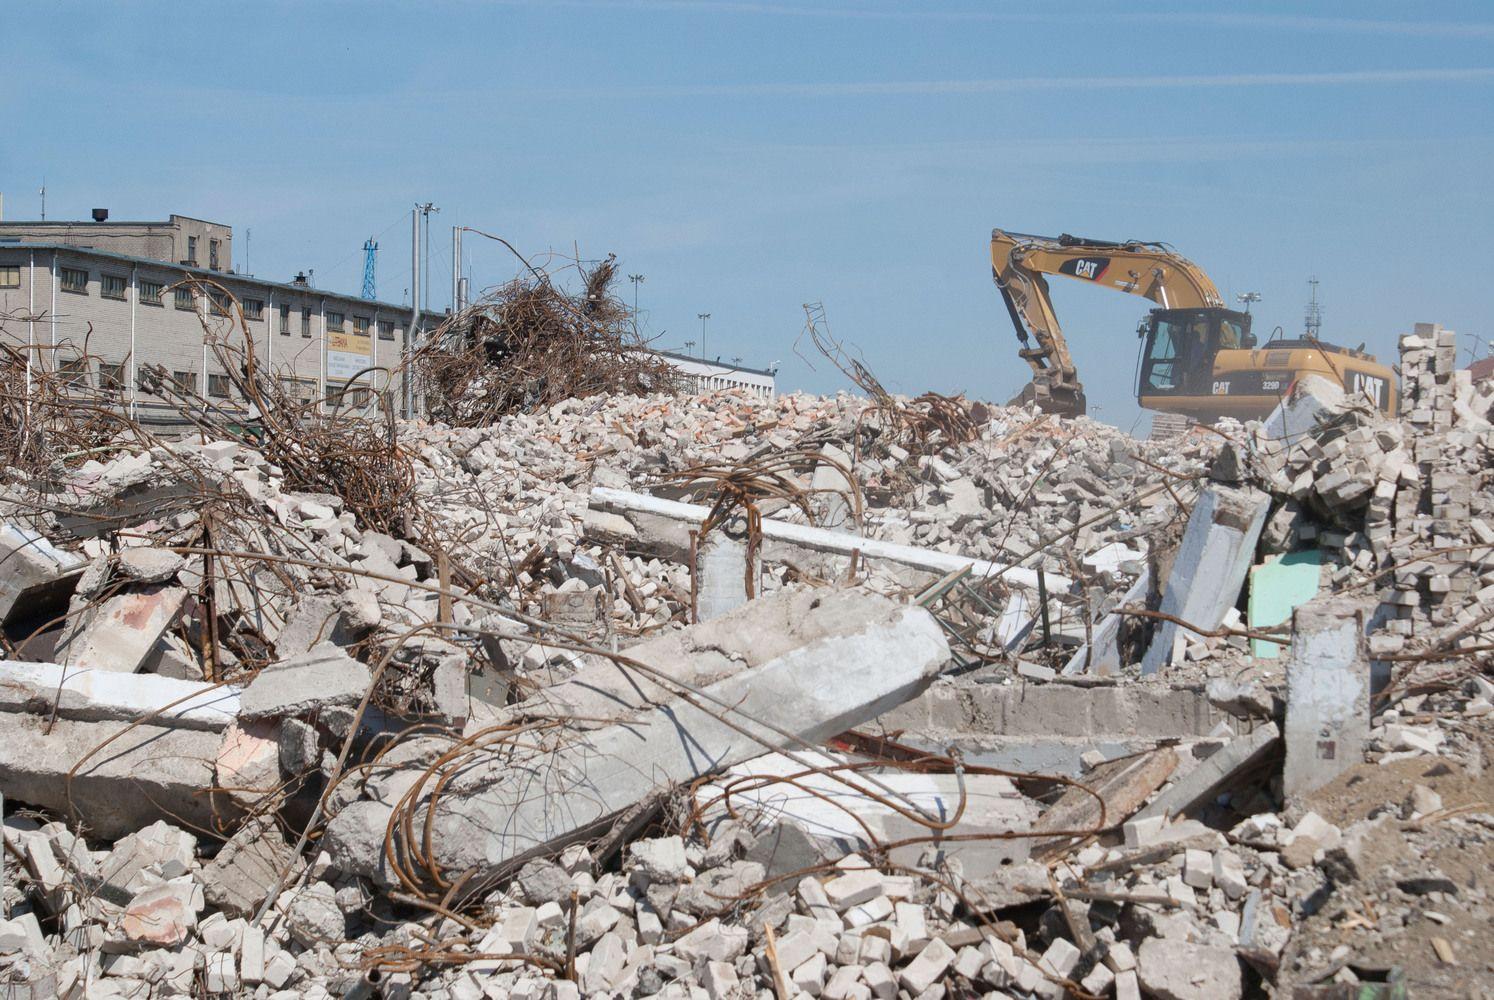 Lenkų bendrovė Vilniuje kurs žaliąjį betoną: skaičiuojama, kad jis bus 10% pigesnis